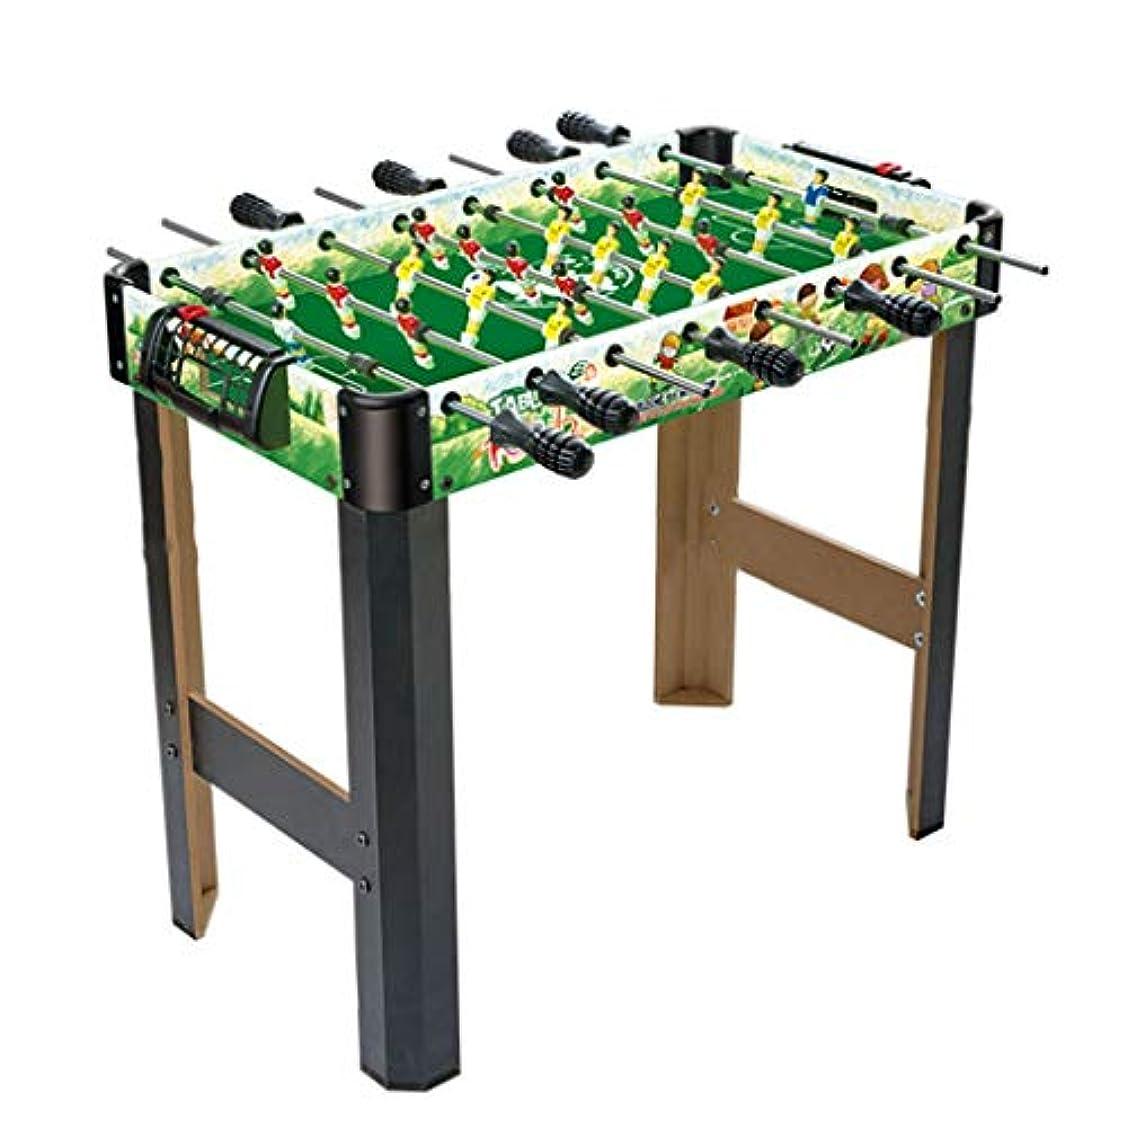 現代切断する最後のテーブルサッカーマシンスポーツサッカーテーブル子供のサッカーゲームテーブルホーム親子インタラクティブビリヤードマシンボーイ知育玩具子供に最高の贈り物 (Color : GREEN, Size : 40*88*60CM)